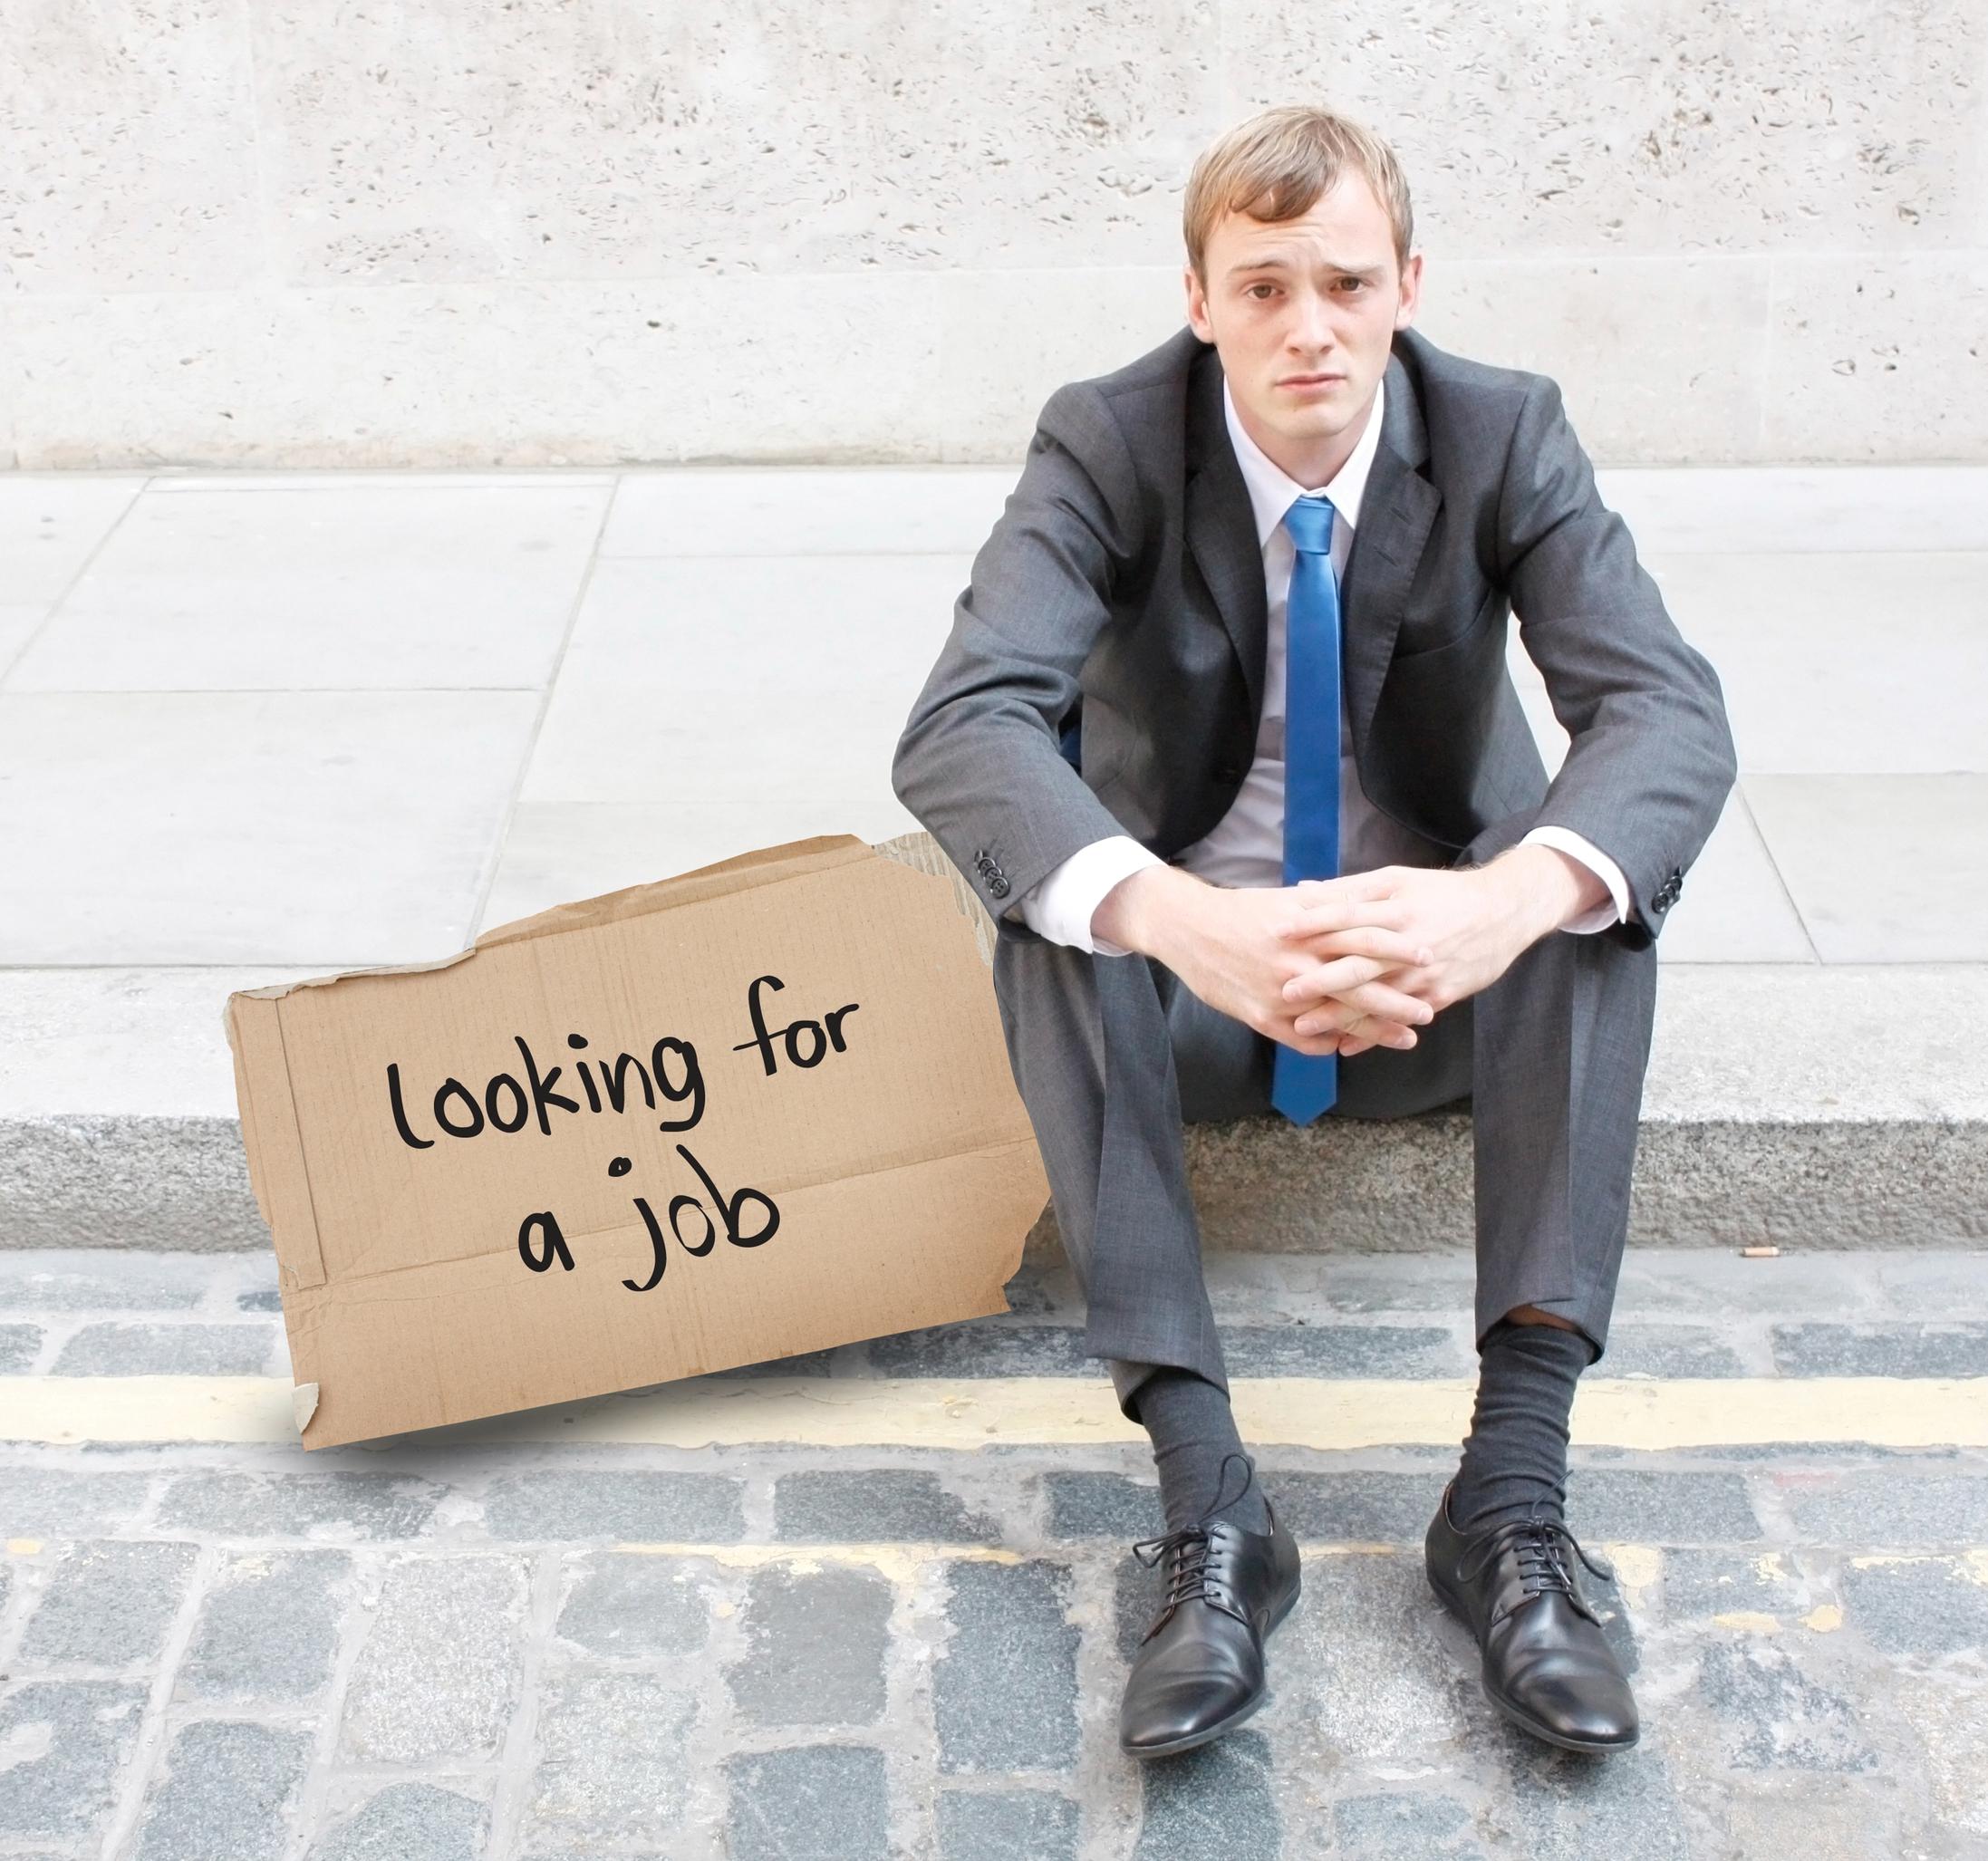 Při hledání práce je potřeba být aktivní